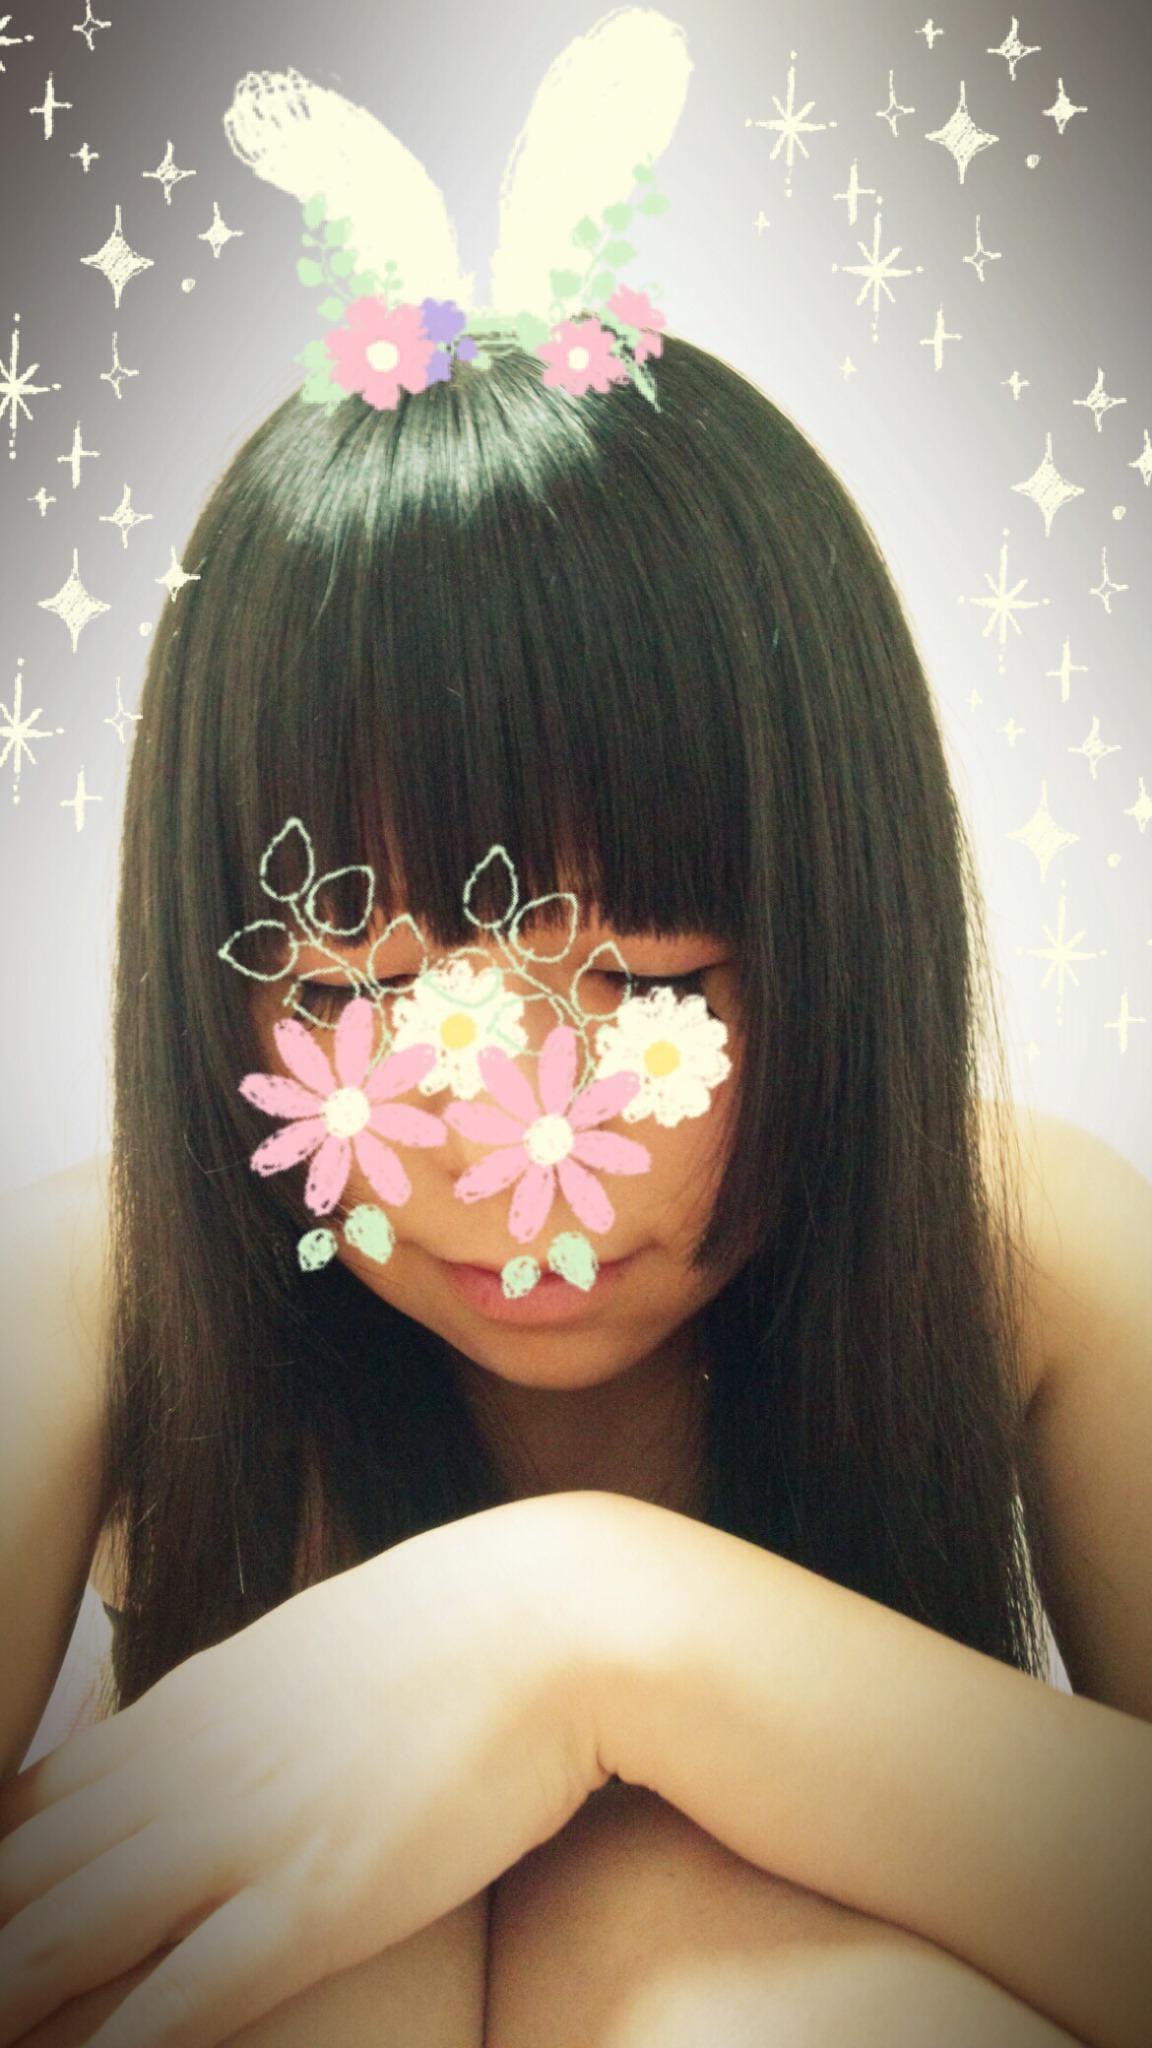 「つやんつやん☆」06/23(06/23) 15:59   萌絵の写メ・風俗動画